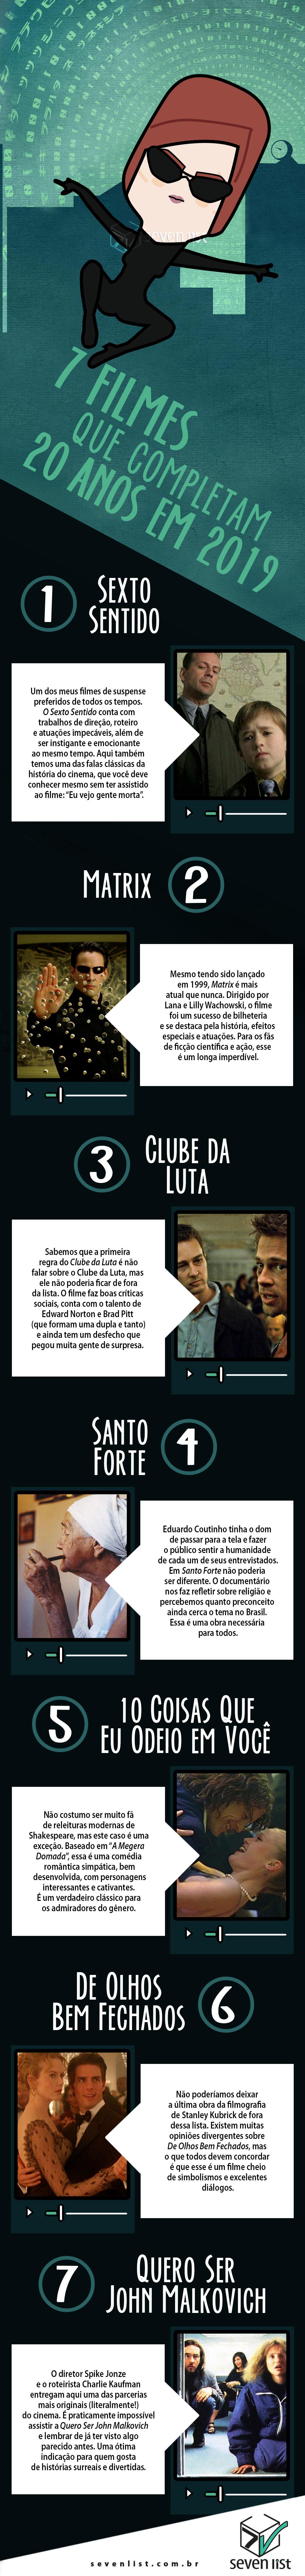 7 FILMES QUE COMPLETAM 20 ANOS EM 2019 - SEVEN LSIT